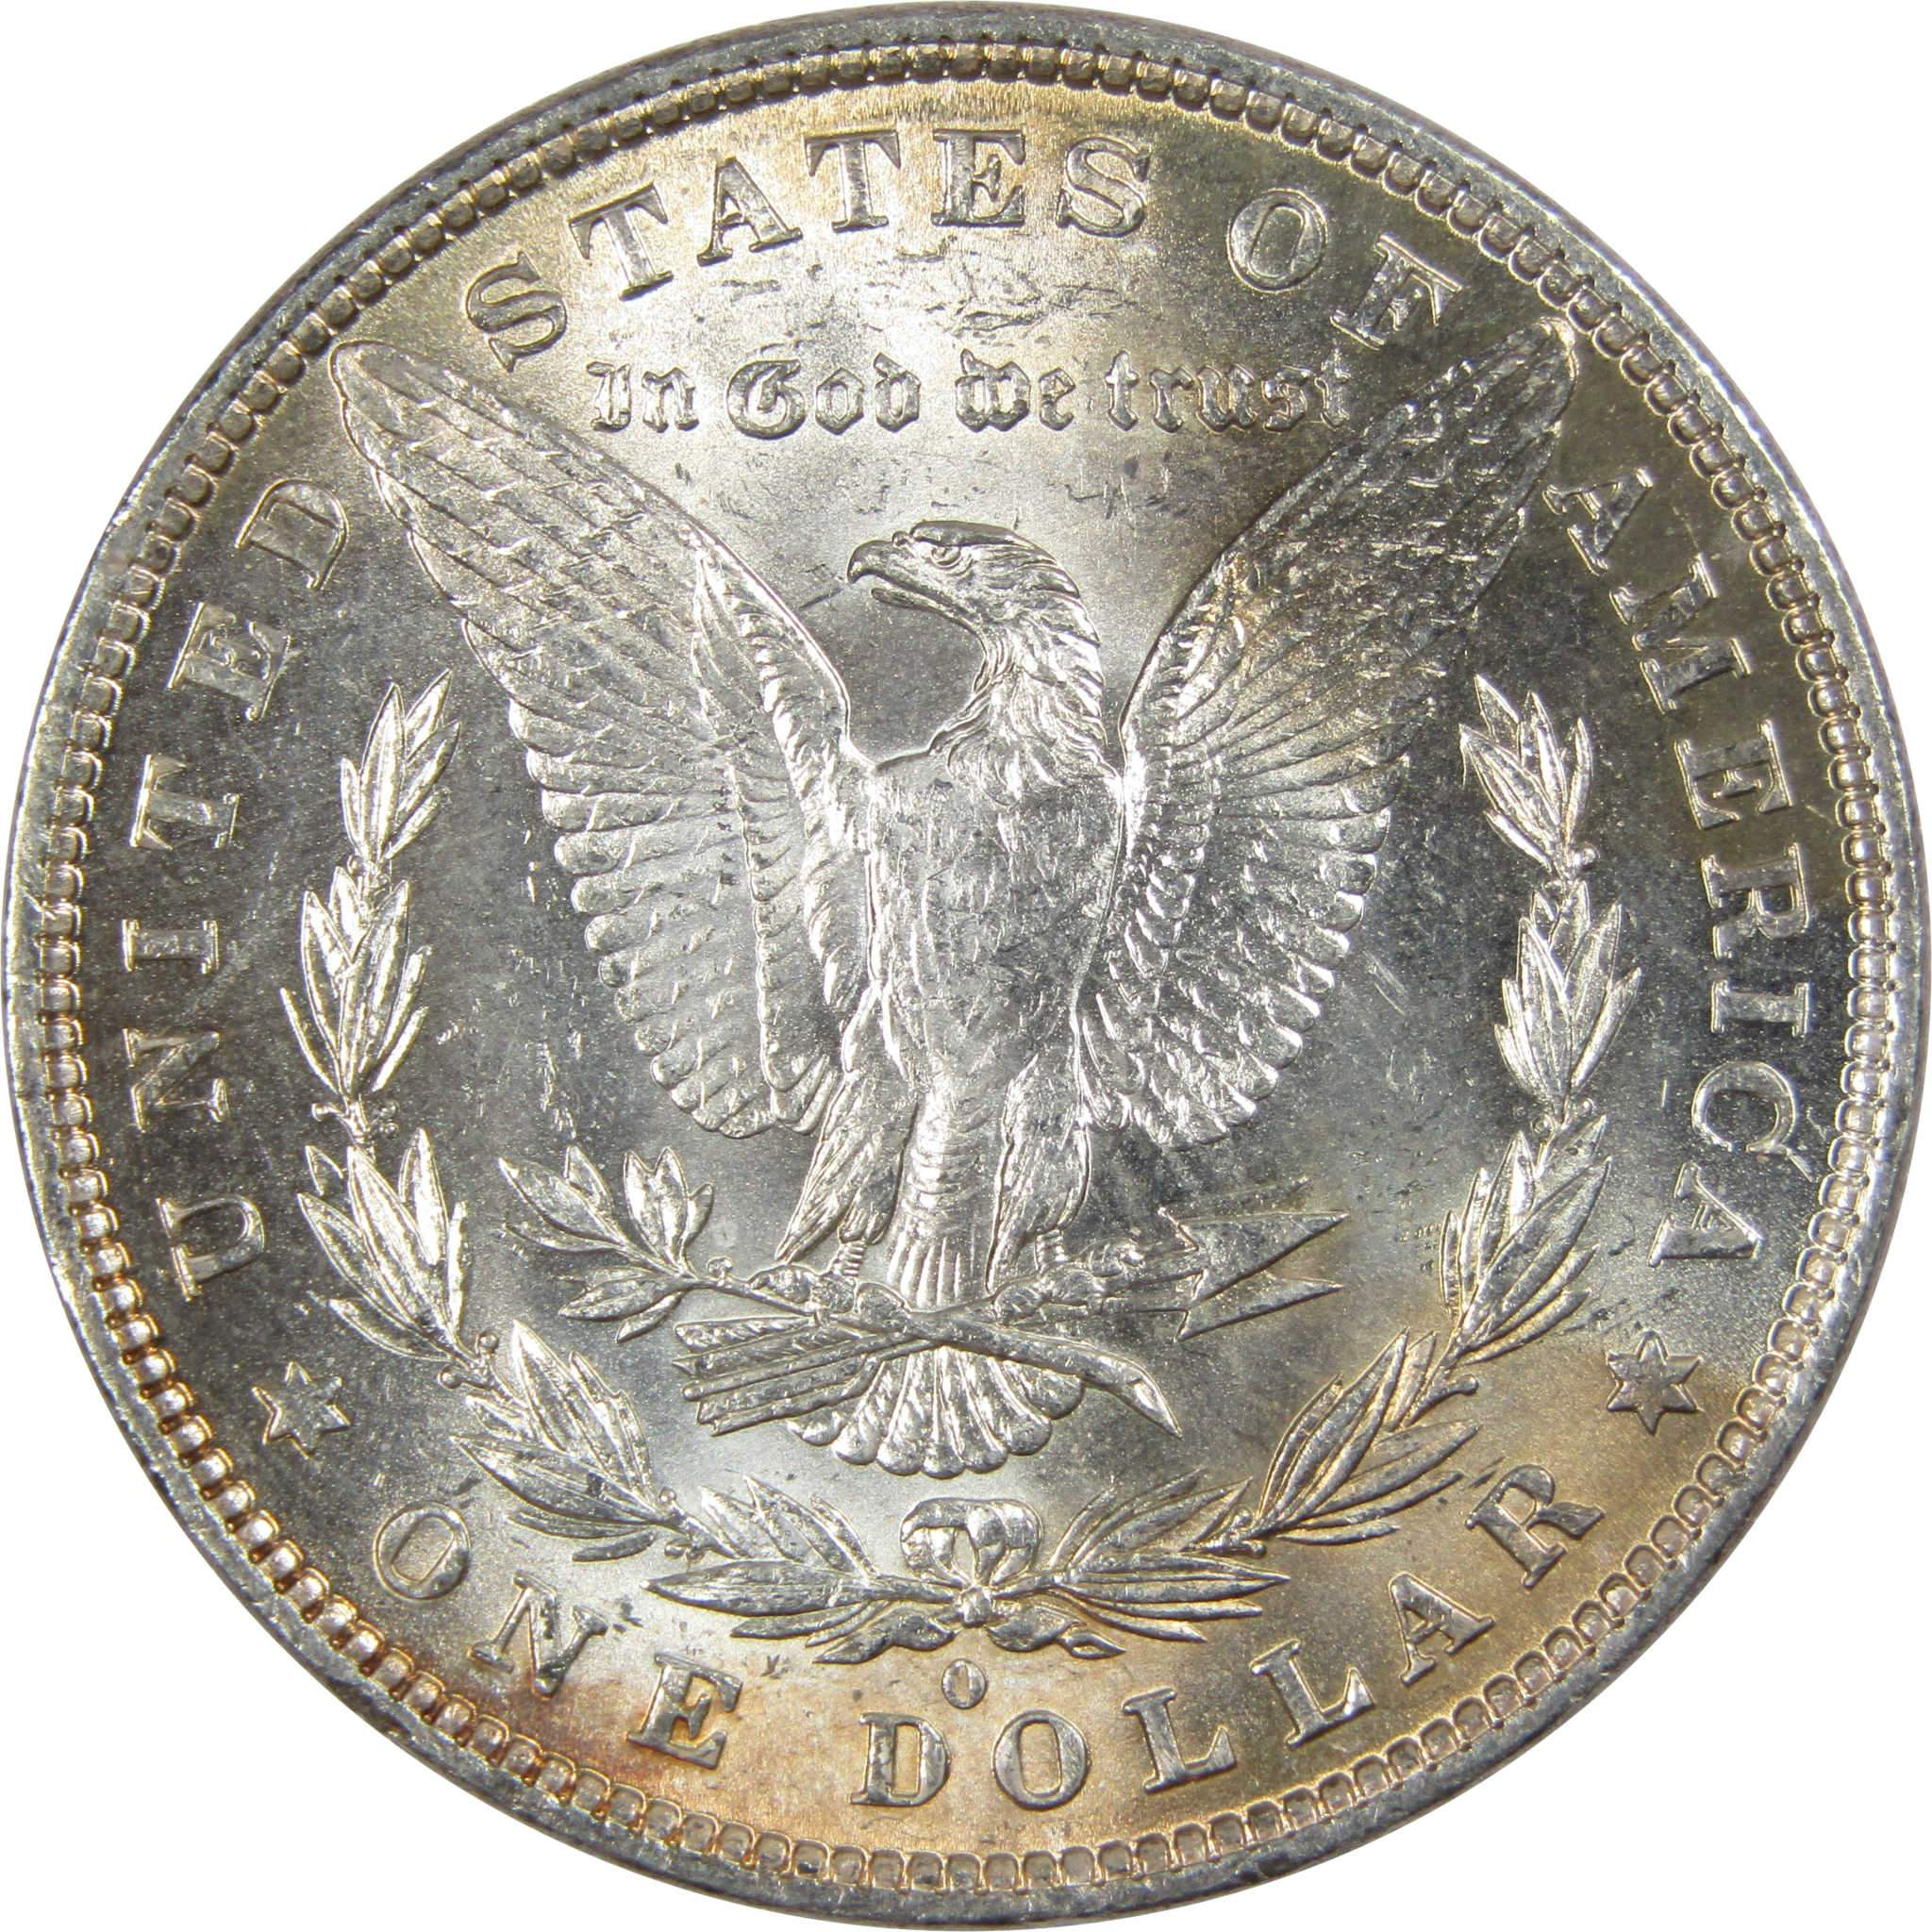 1882 O $1 Morgan Silver Dollar BU Brilliant Uncirculated